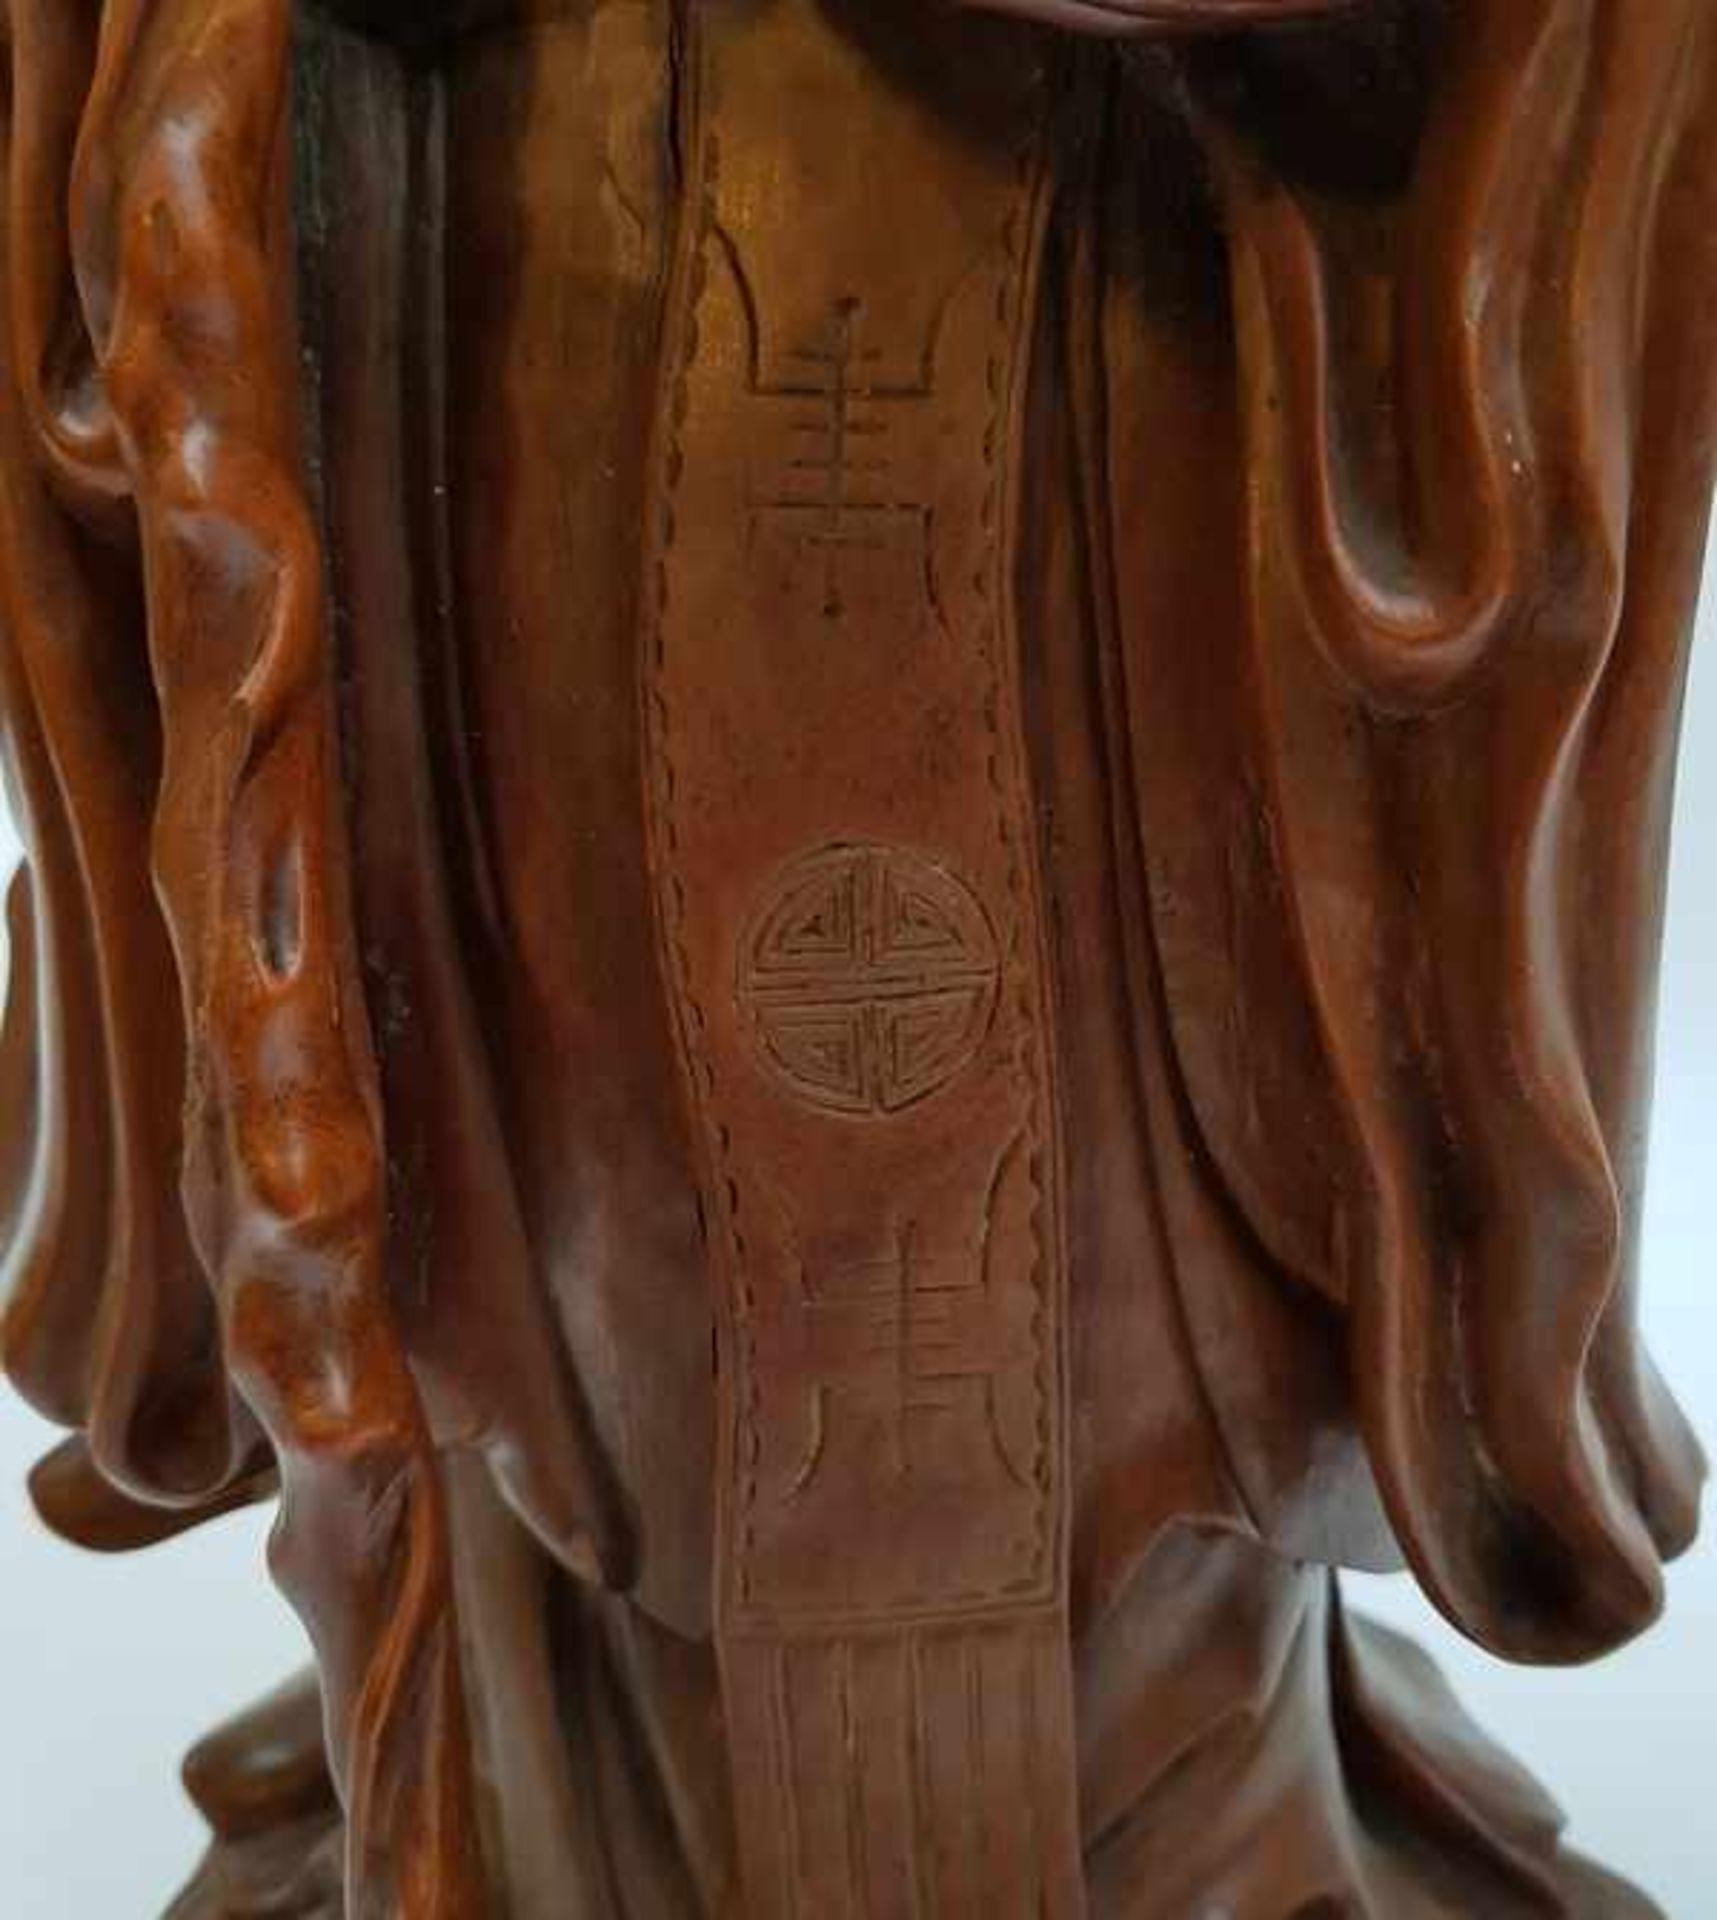 (Aziatica) Rozenhouten beeld Shou Lao, China, eerste helft 20e eeuw - Bild 3 aus 8